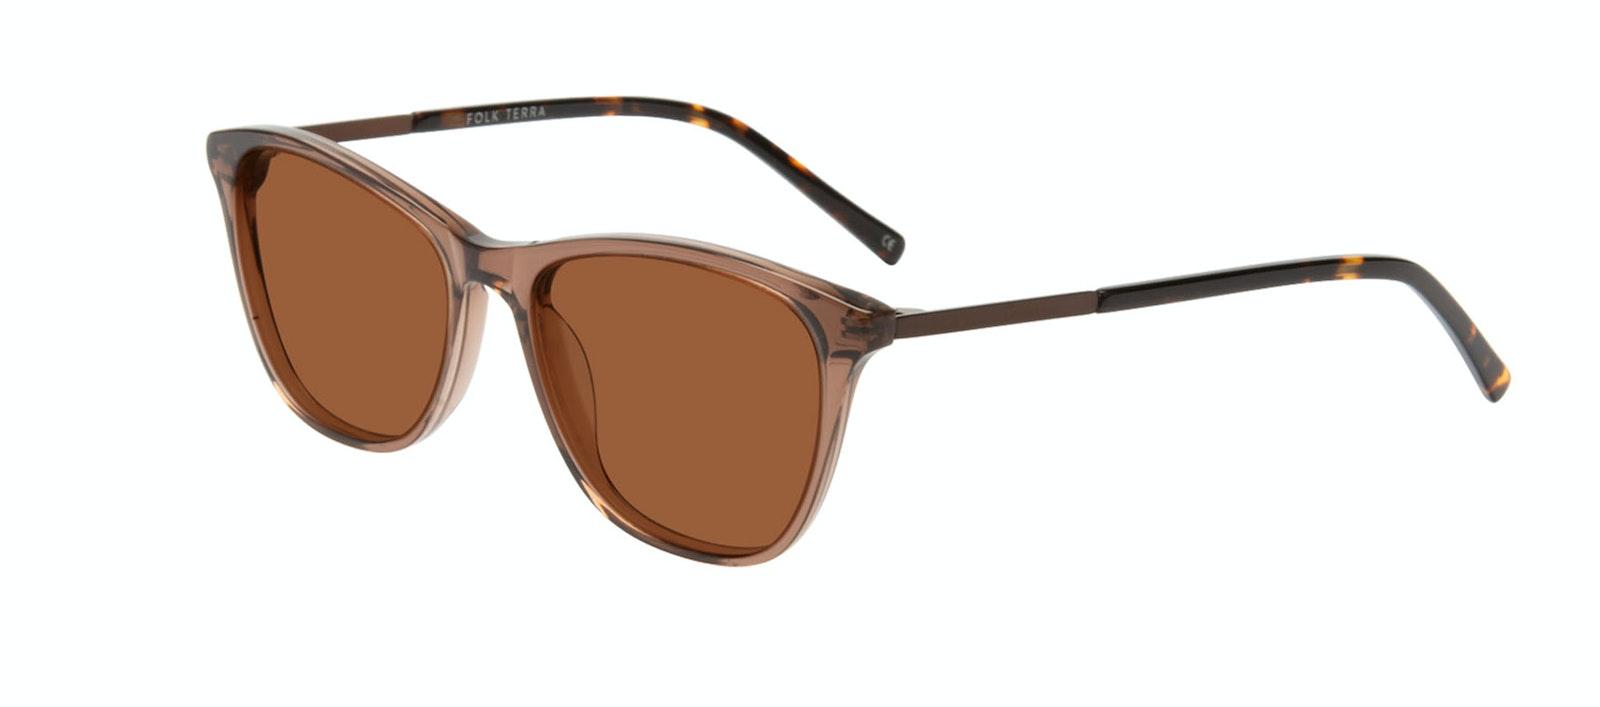 Affordable Fashion Glasses Rectangle Sunglasses Women Folk Terra Tilt